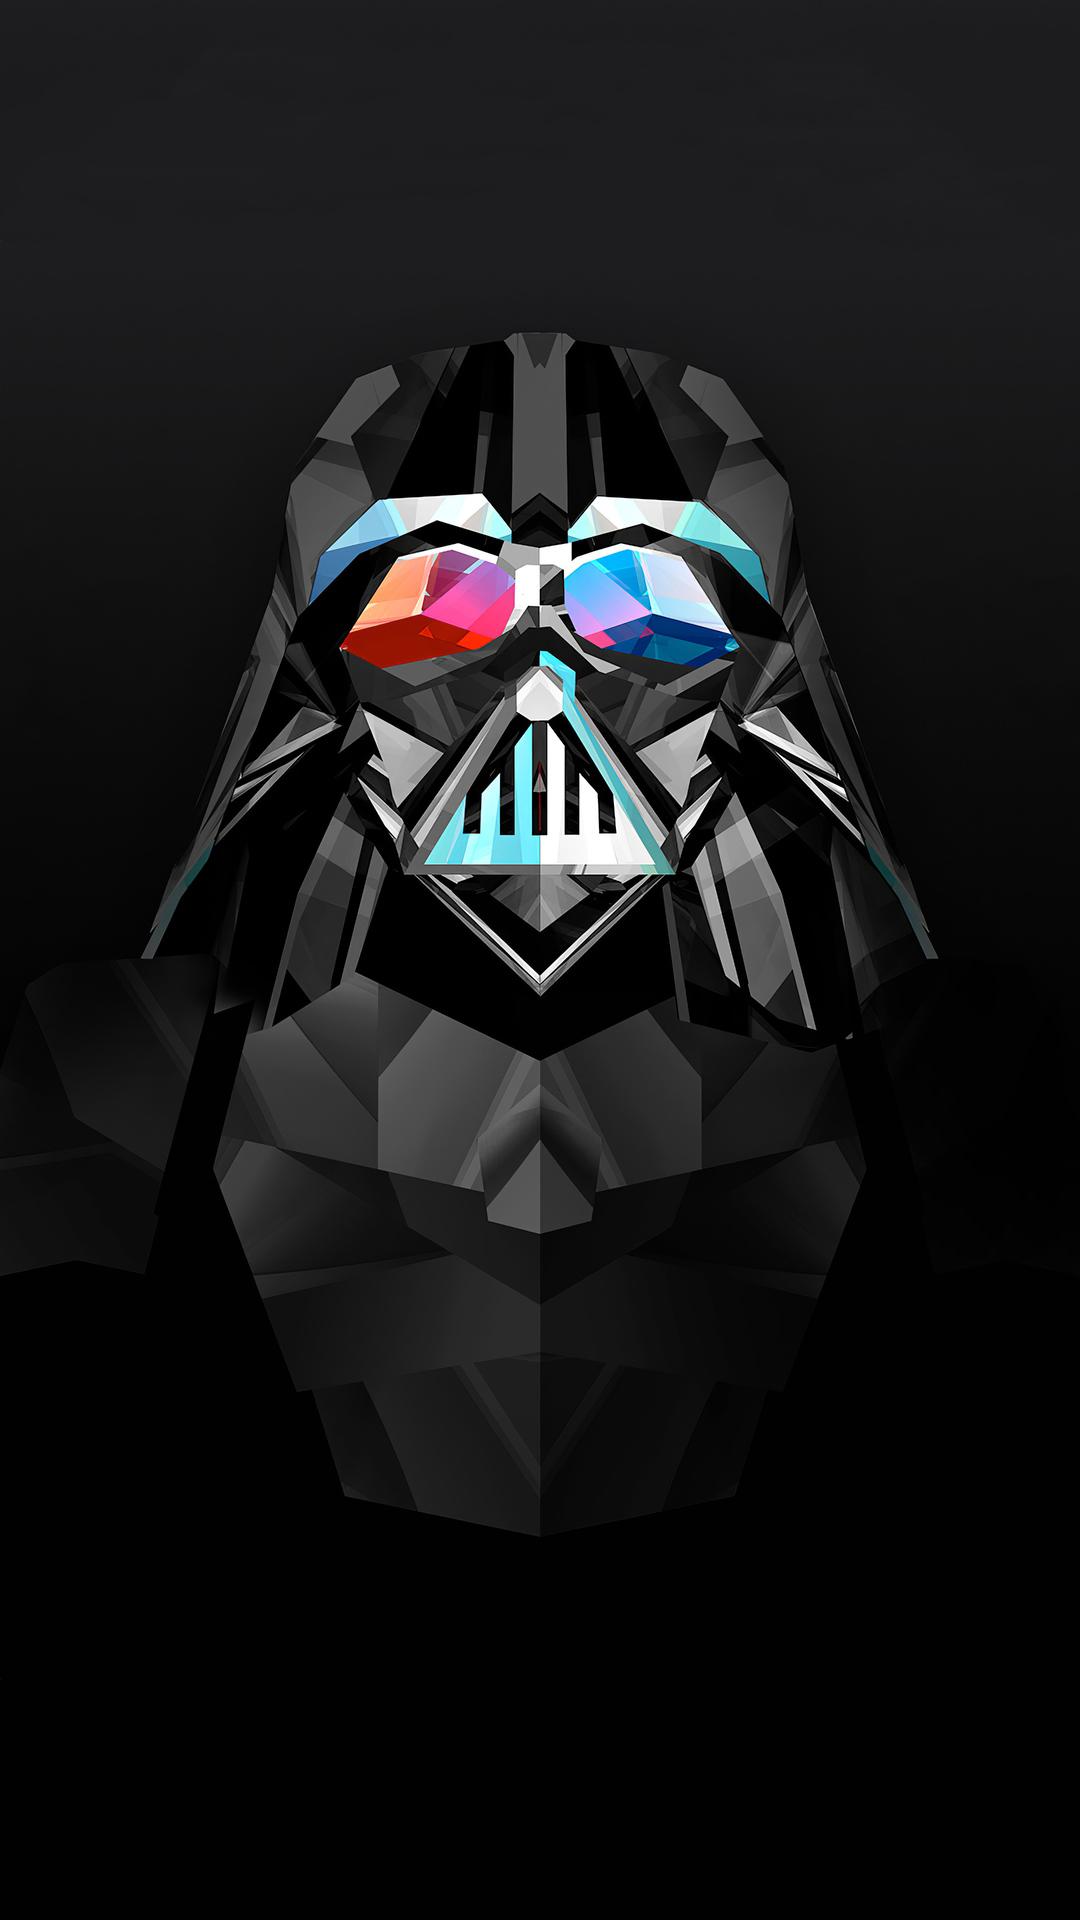 Darth Vader Wallpapers 1080x1920